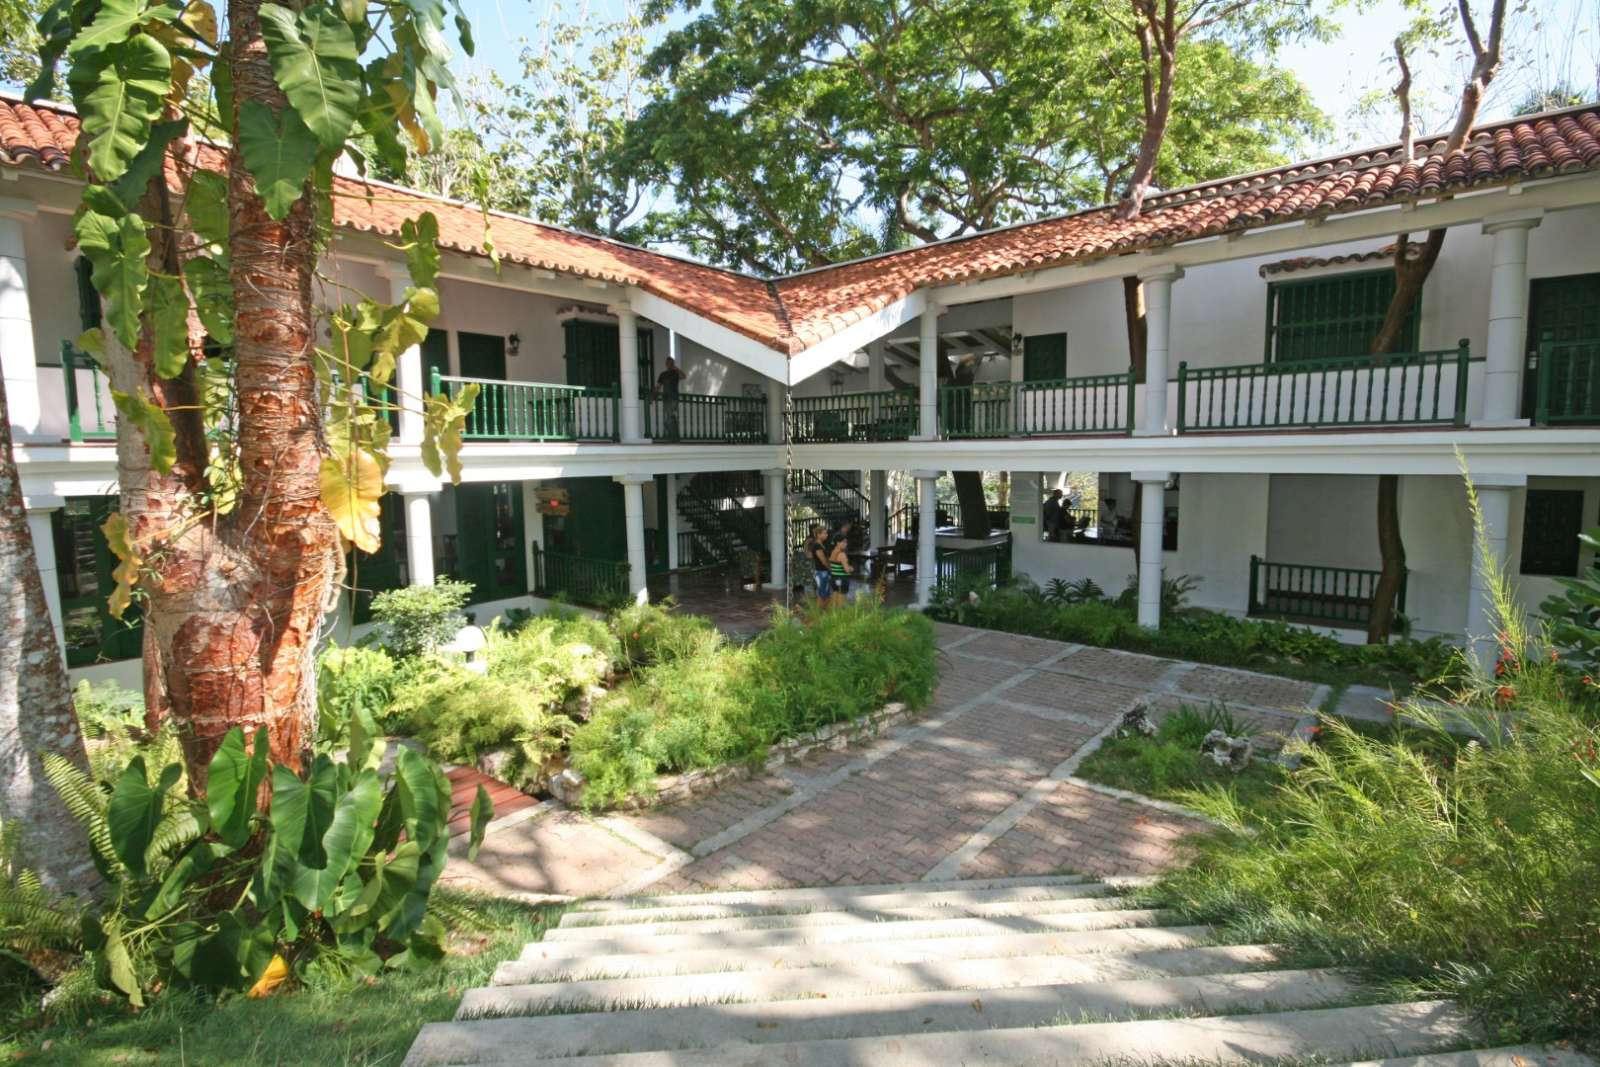 Entrance to La Moka hotel in Las Terrazas, Cuba